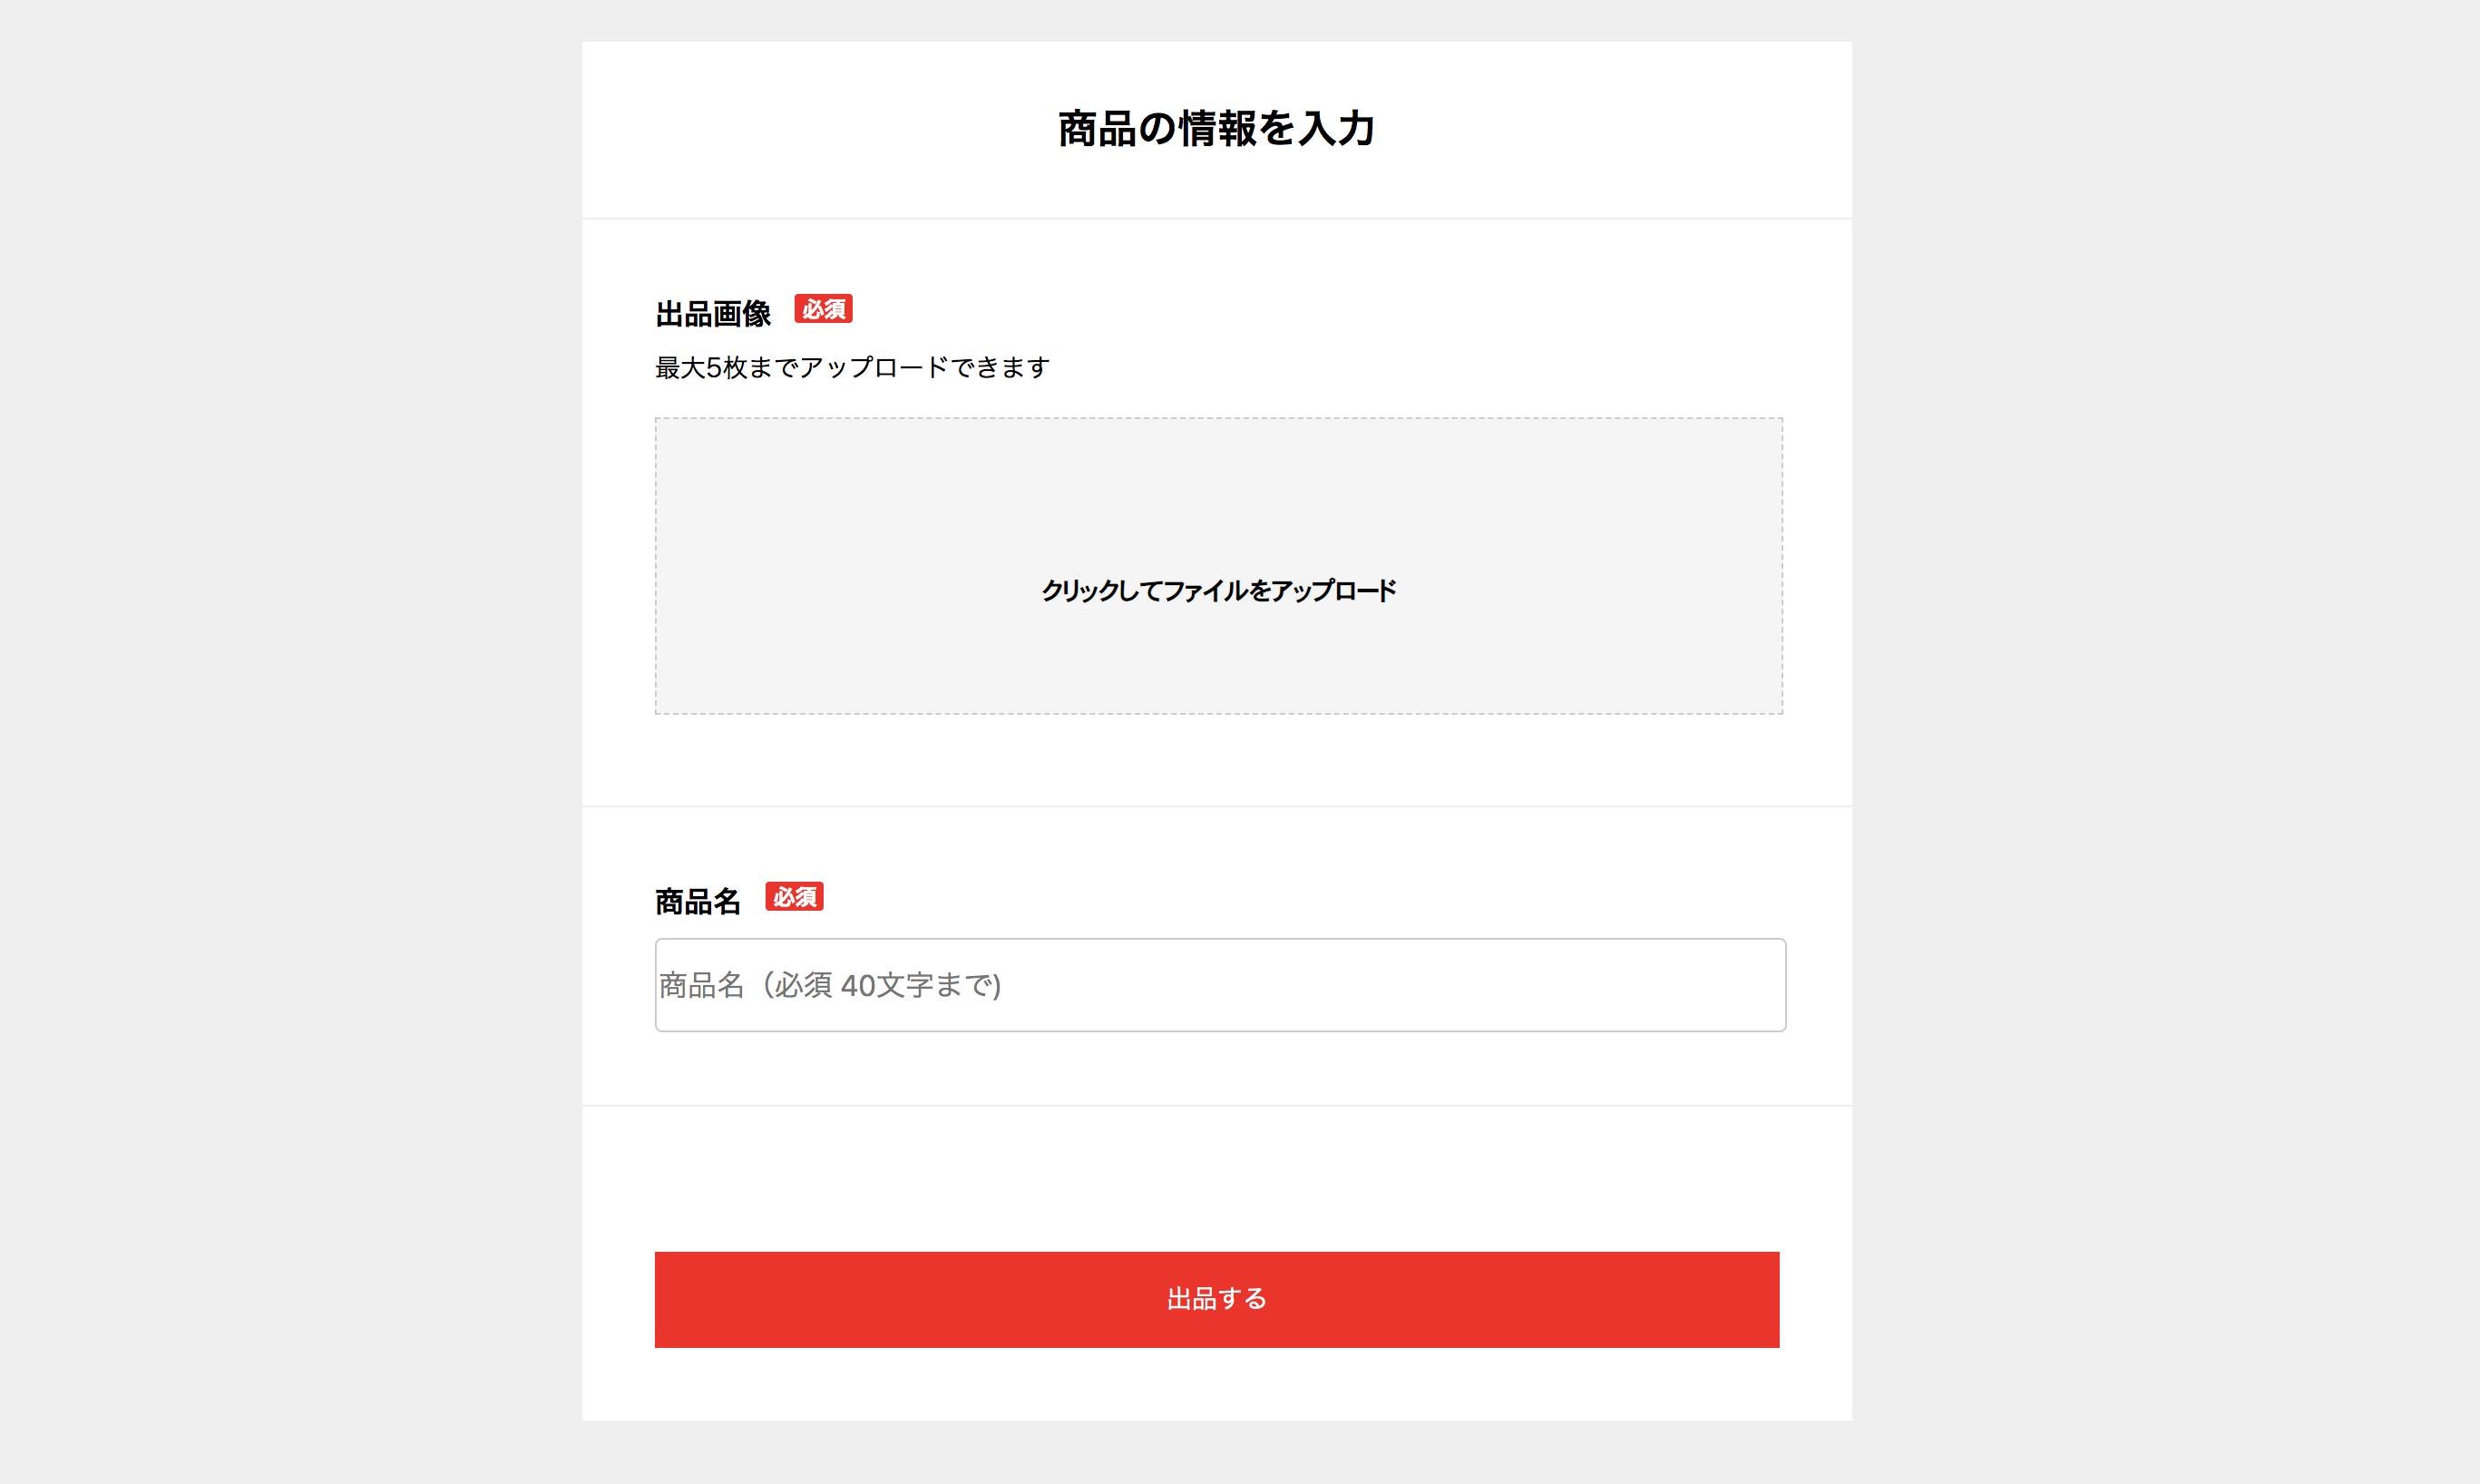 スクリーンショット 2020-01-14 23.36.14.png